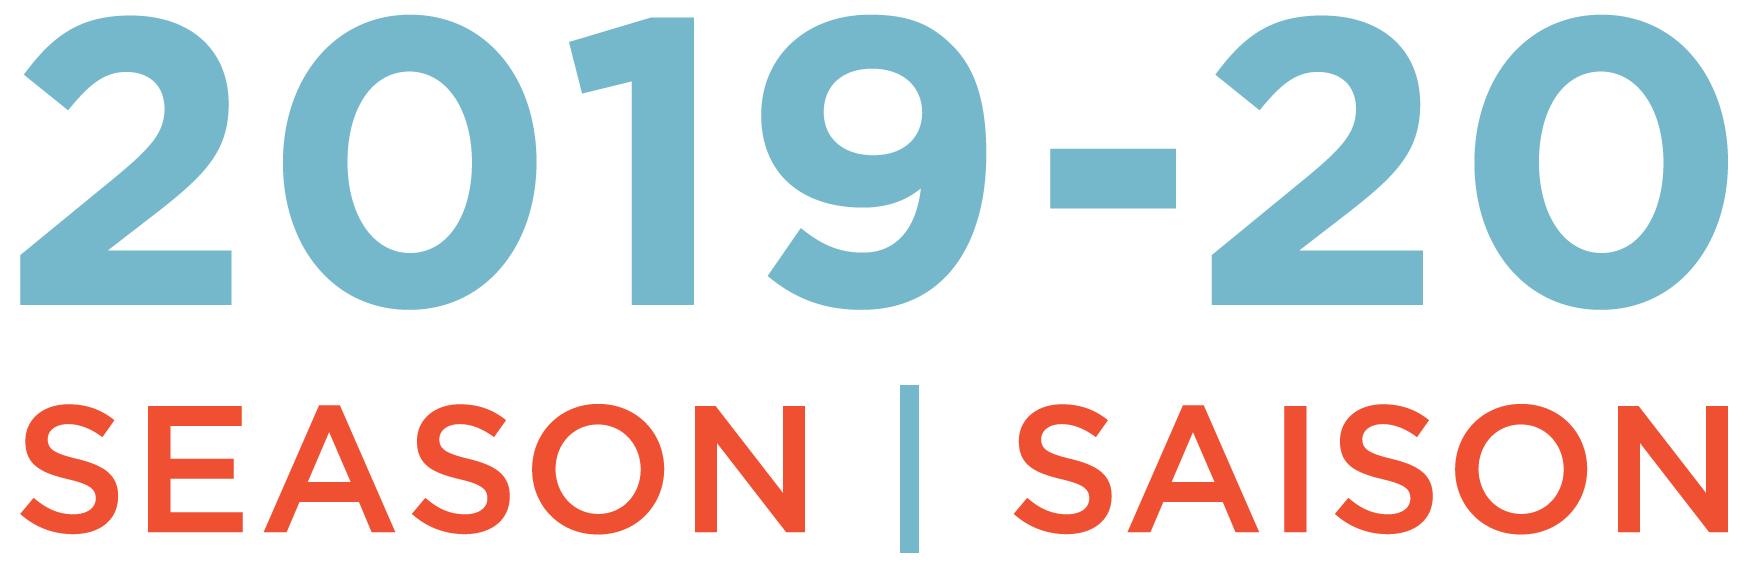 2019-20 season.png